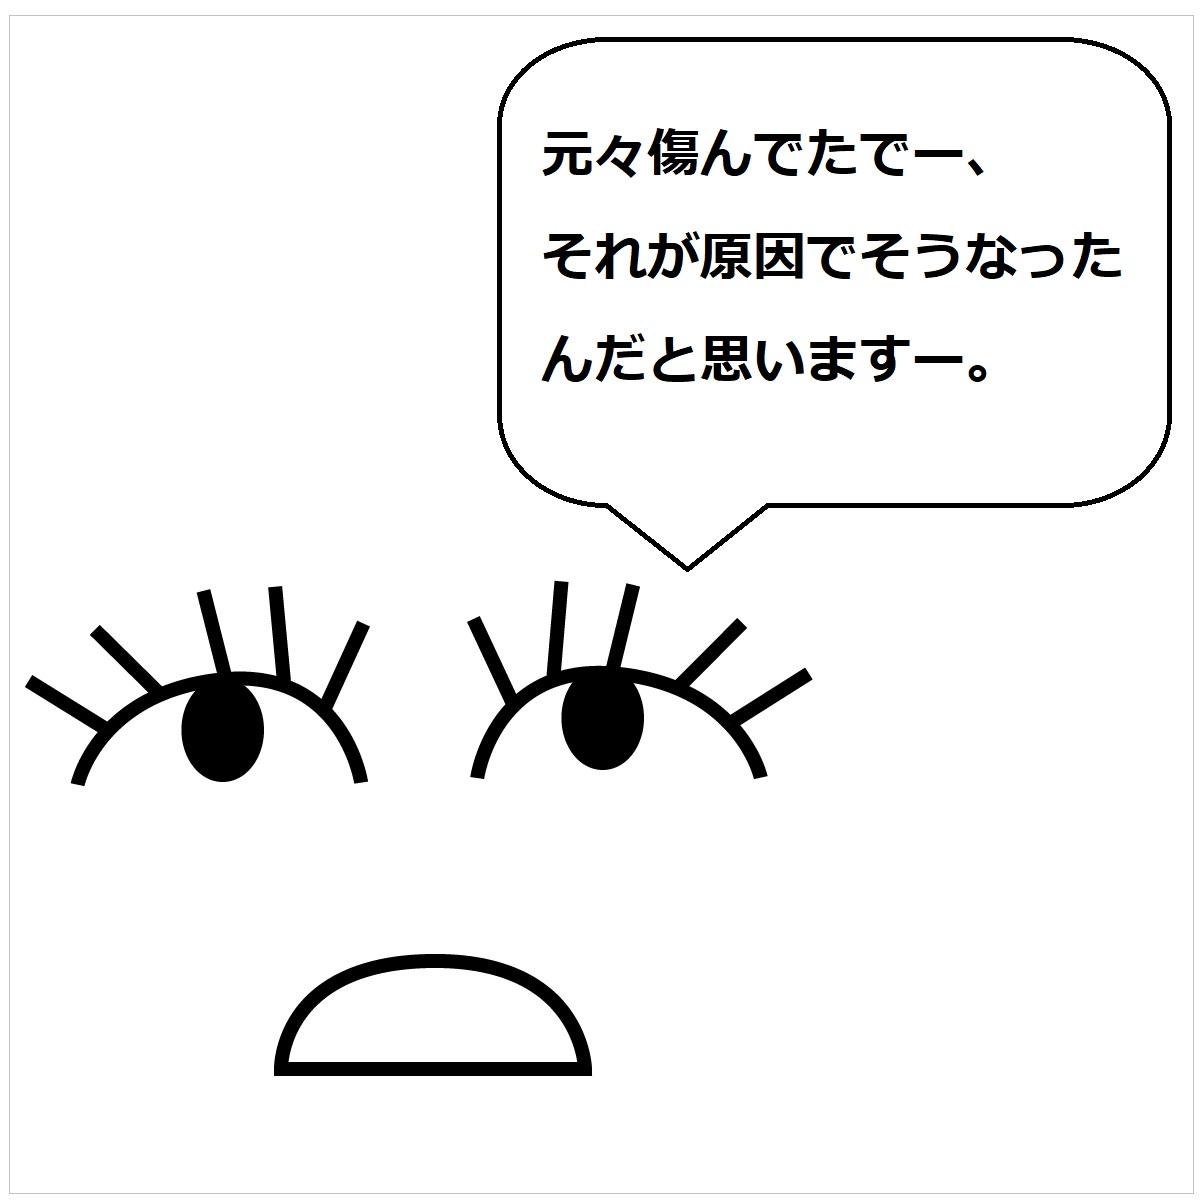 f:id:shokochun:20191124151137j:plain